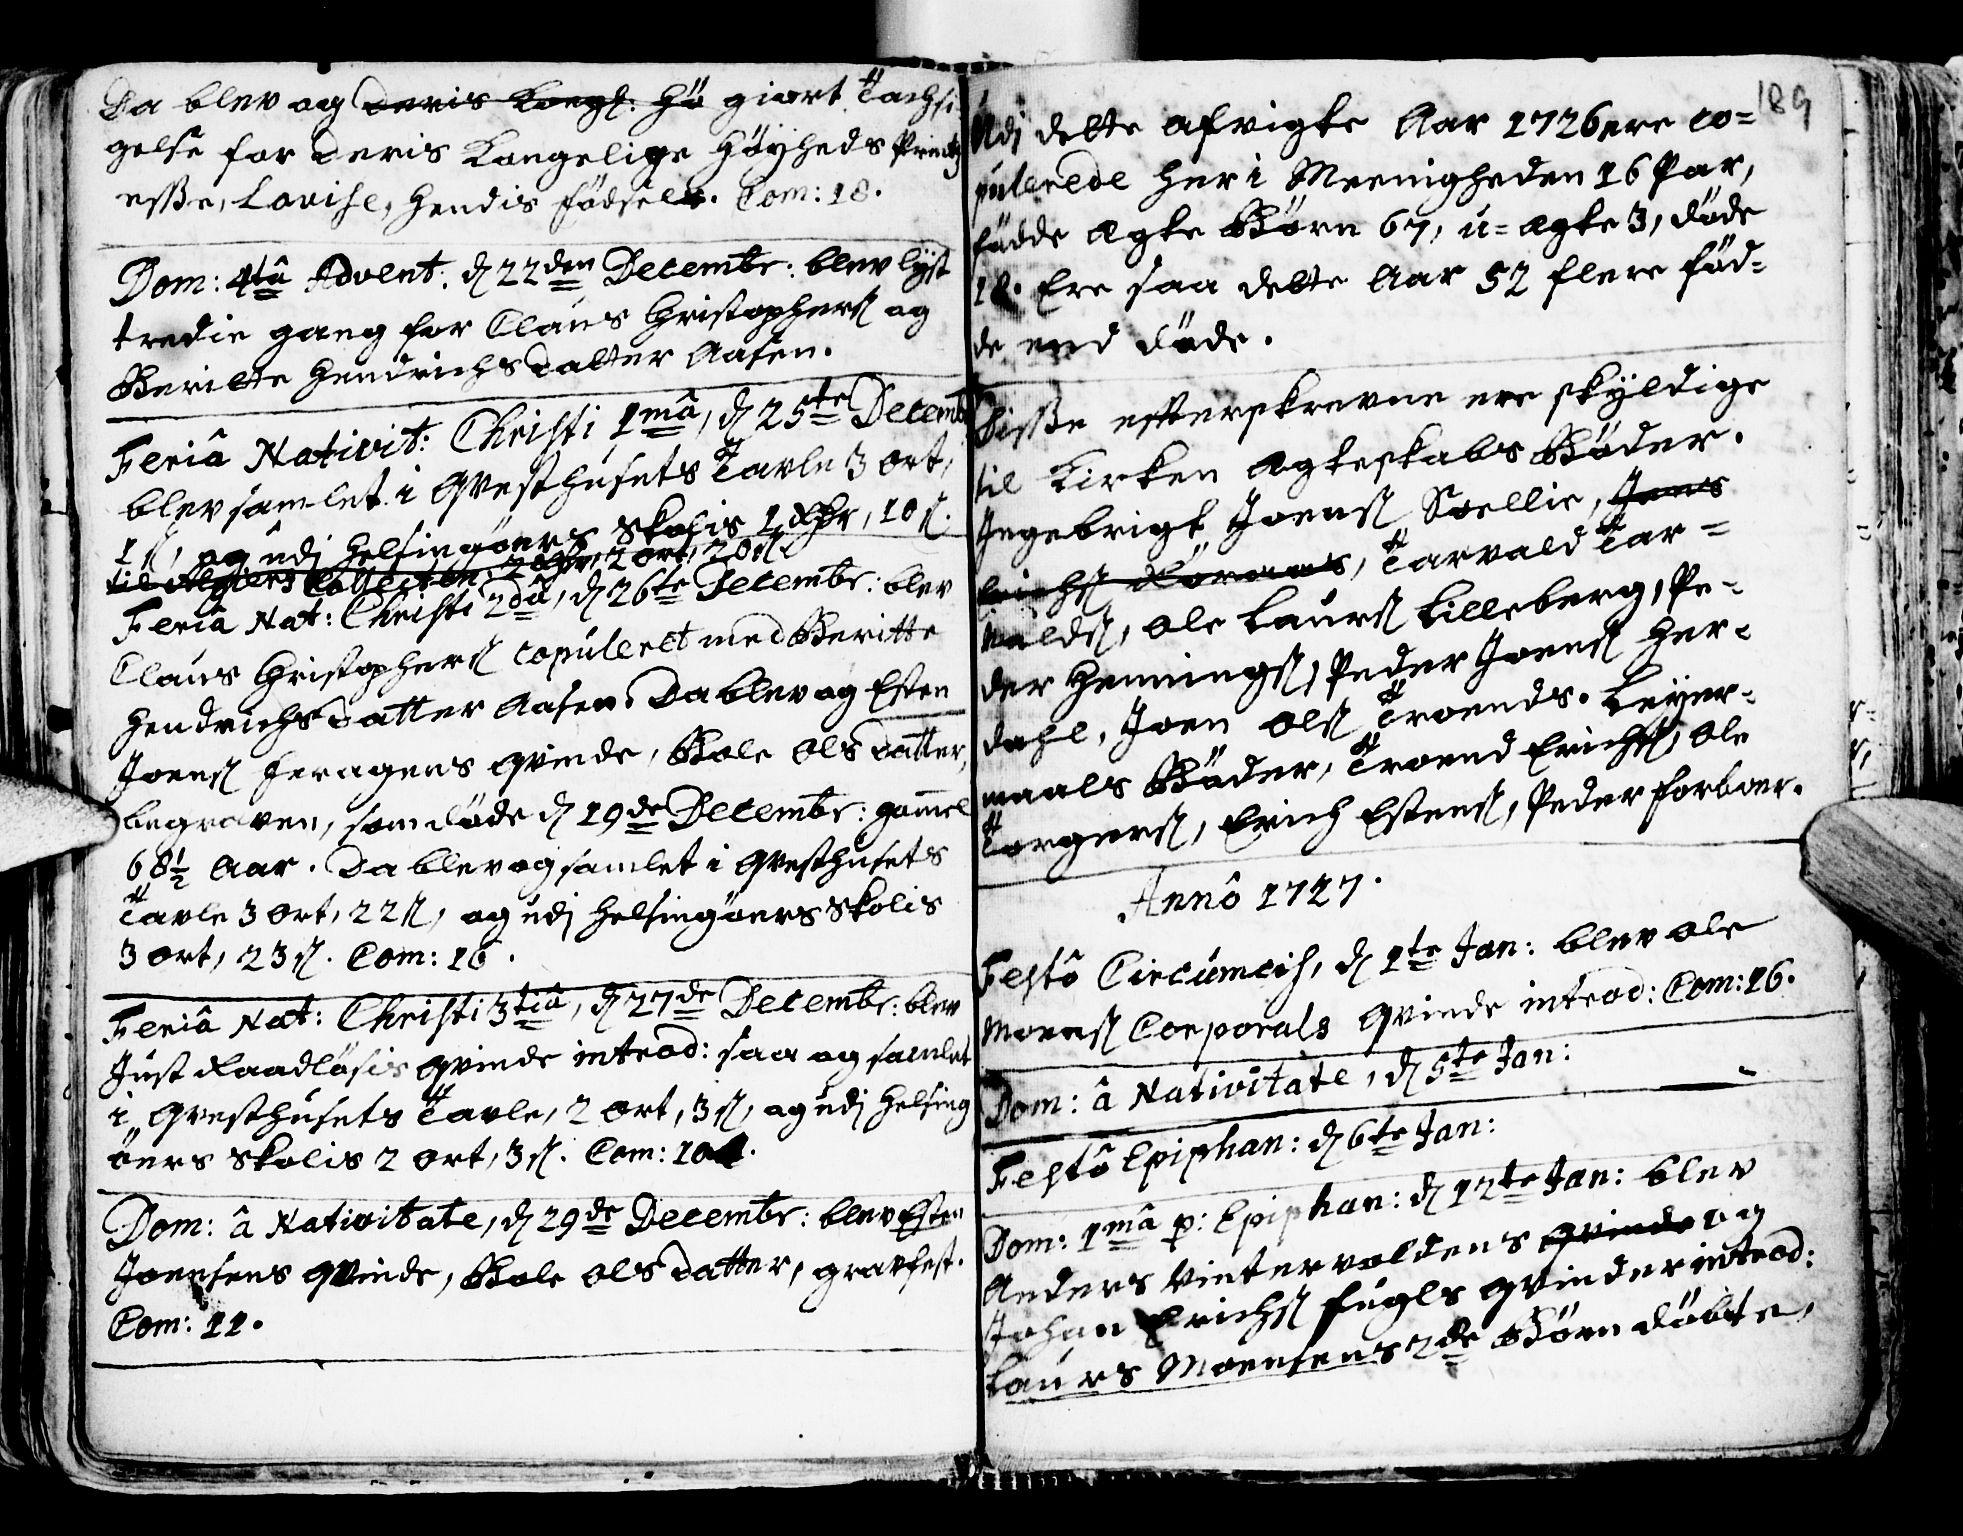 SAT, Ministerialprotokoller, klokkerbøker og fødselsregistre - Sør-Trøndelag, 681/L0924: Ministerialbok nr. 681A02, 1720-1731, s. 188-189